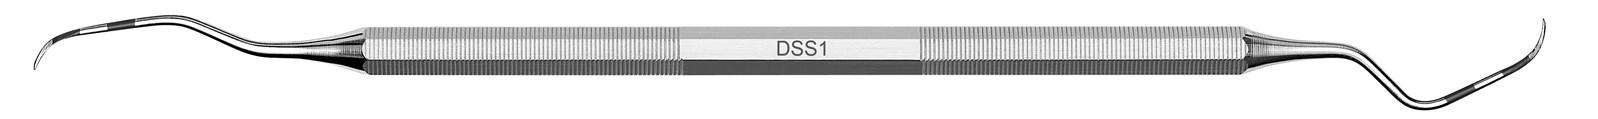 Kyreta Deppeler smart scaling (DSS) - DSS1, ADEP žlutý